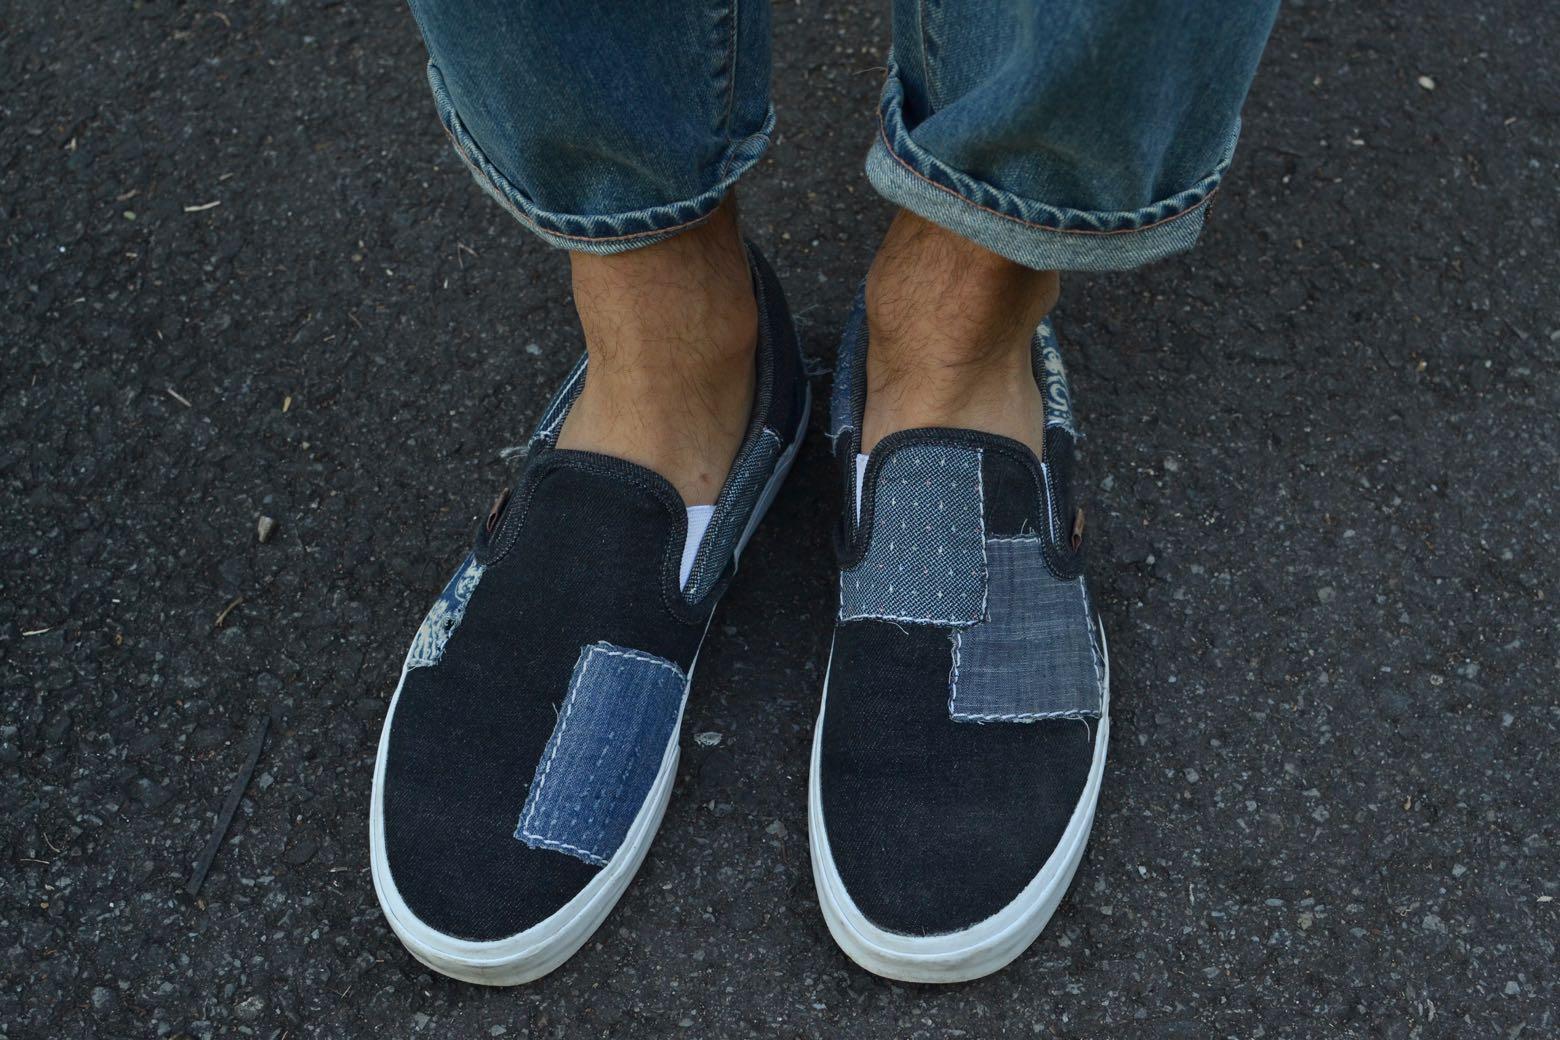 Vans California Denim Boro Slip On Shoes – 2016 release